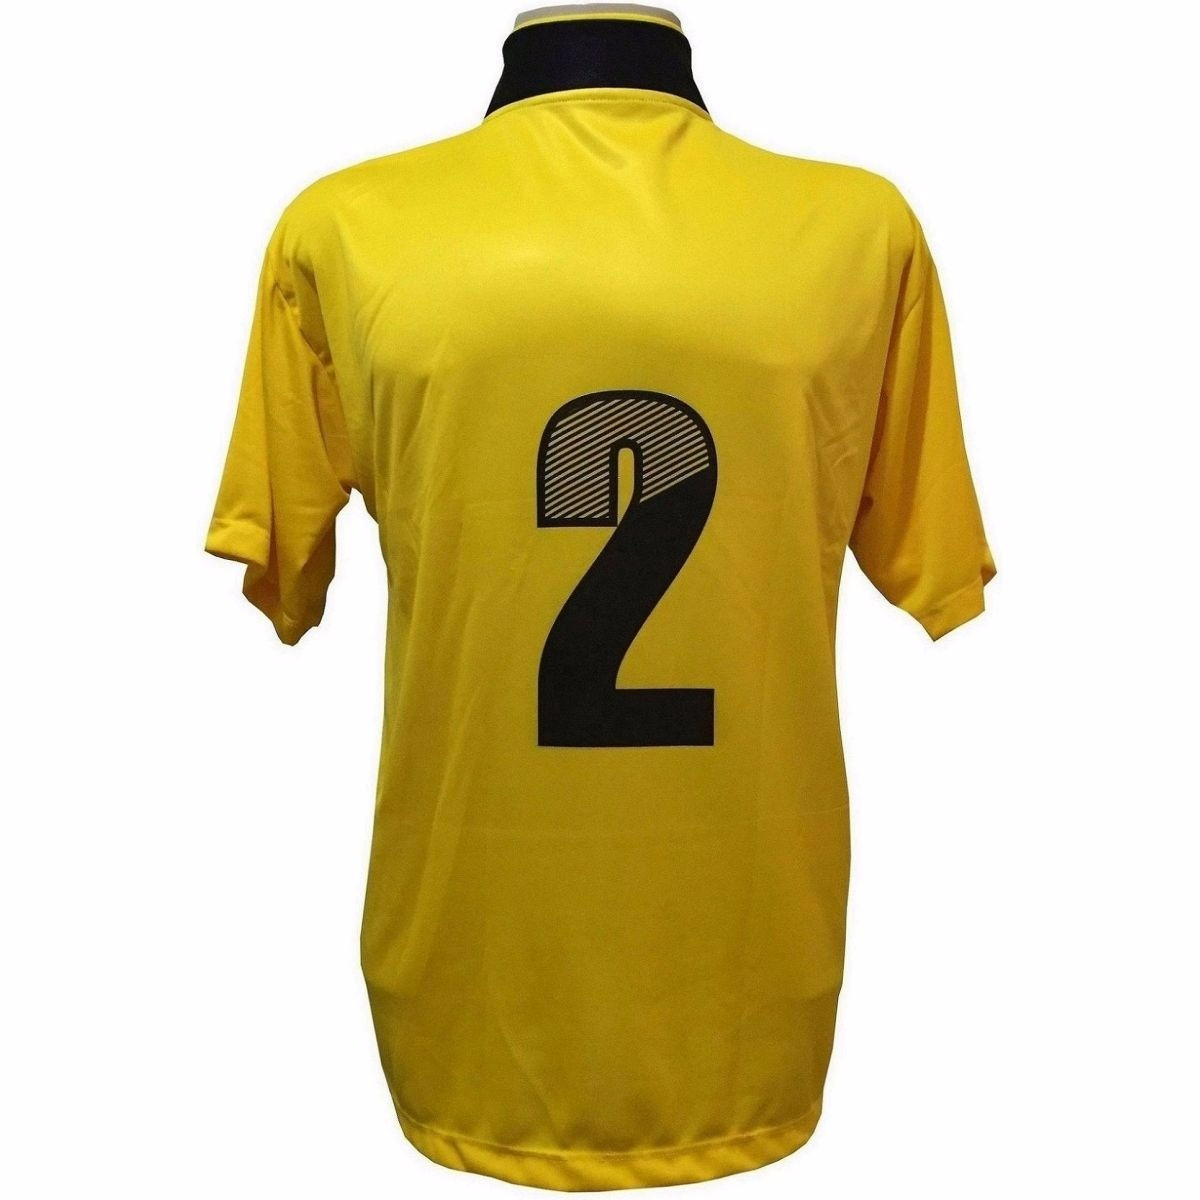 90d5f8bd75 jogo de camisa com 14 unidades modelo suécia amarelo preto. Carregando zoom.